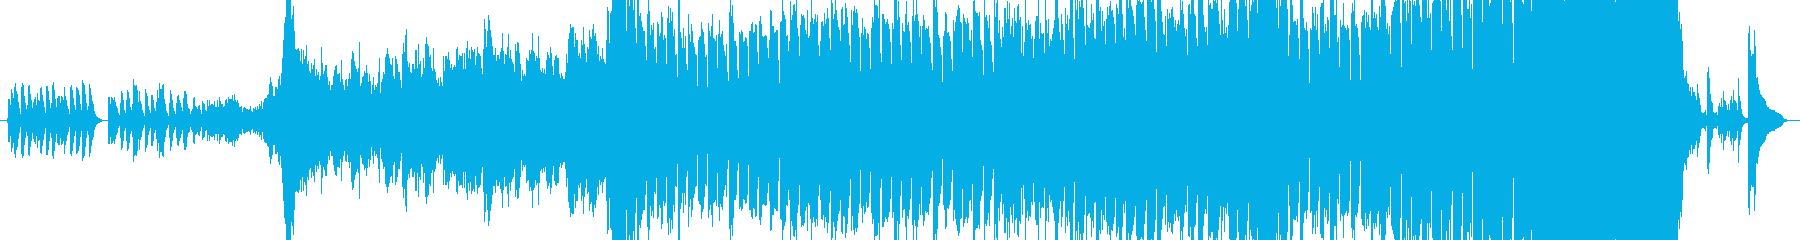 ほのぼのした雰囲気のテクノポップスの再生済みの波形